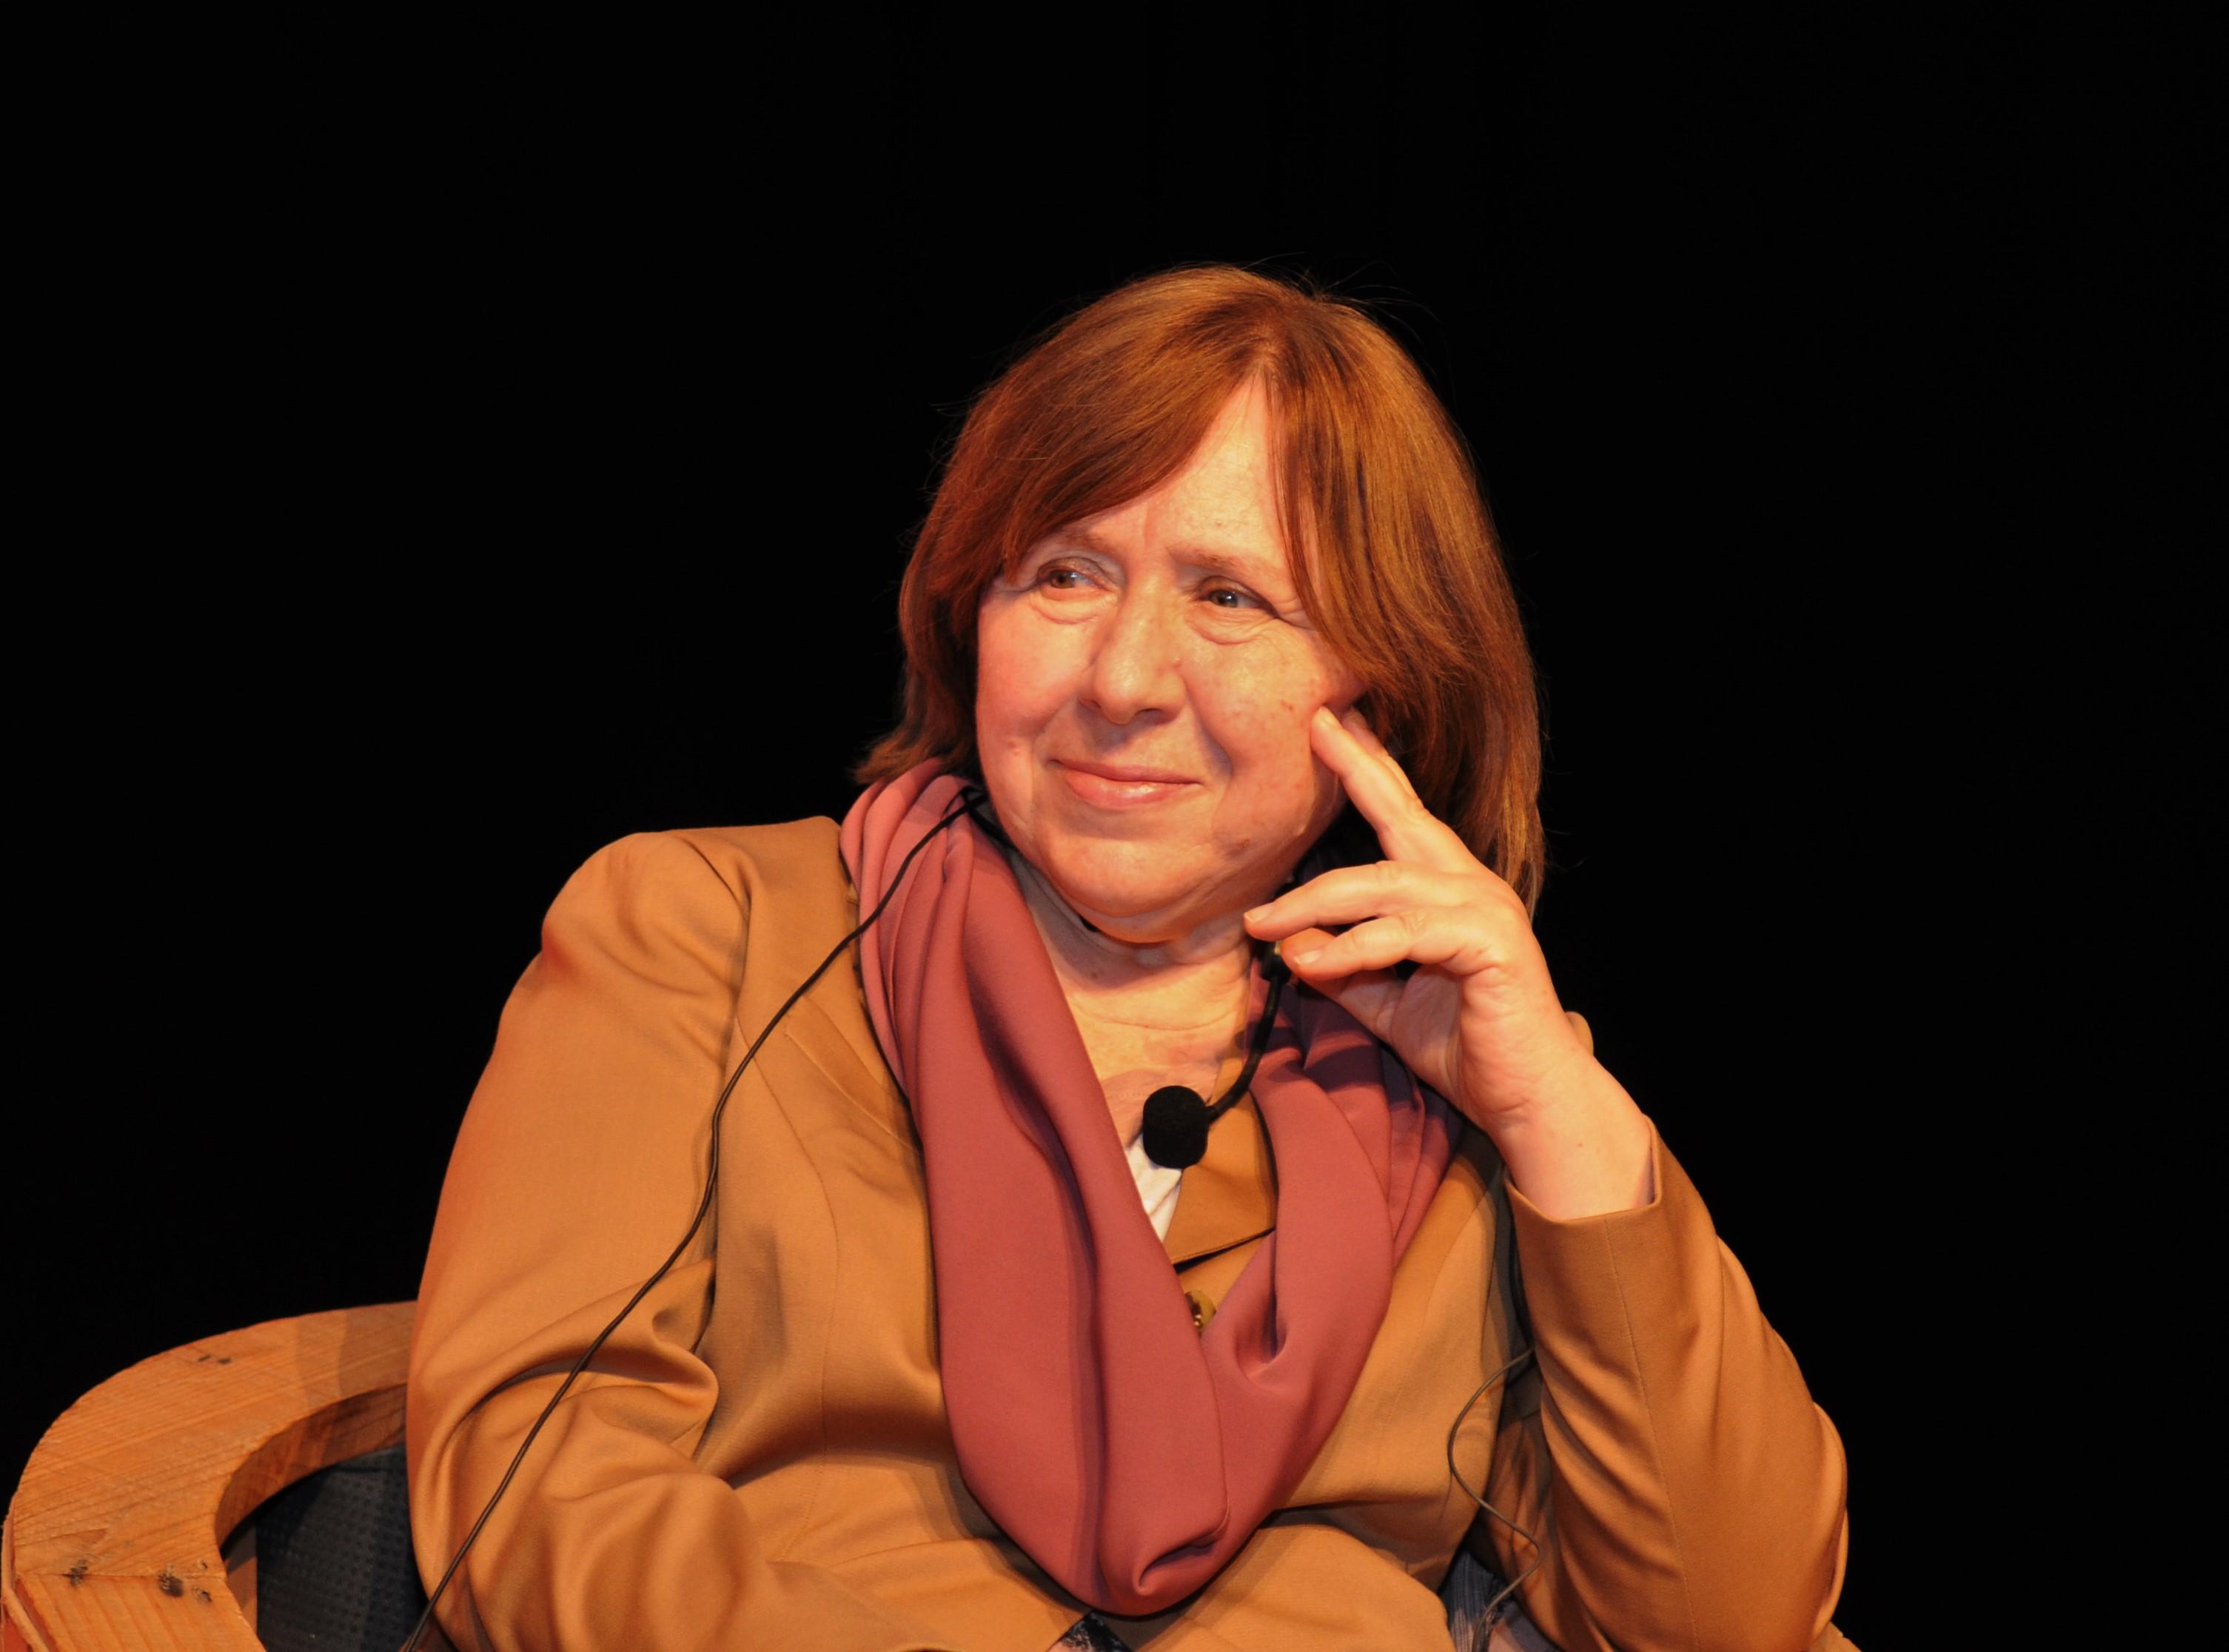 L'escriptora Svetlana Alexsiévich durant l'acte que va tenir lloc a l'antiga fàbrica Fabra i Coats.